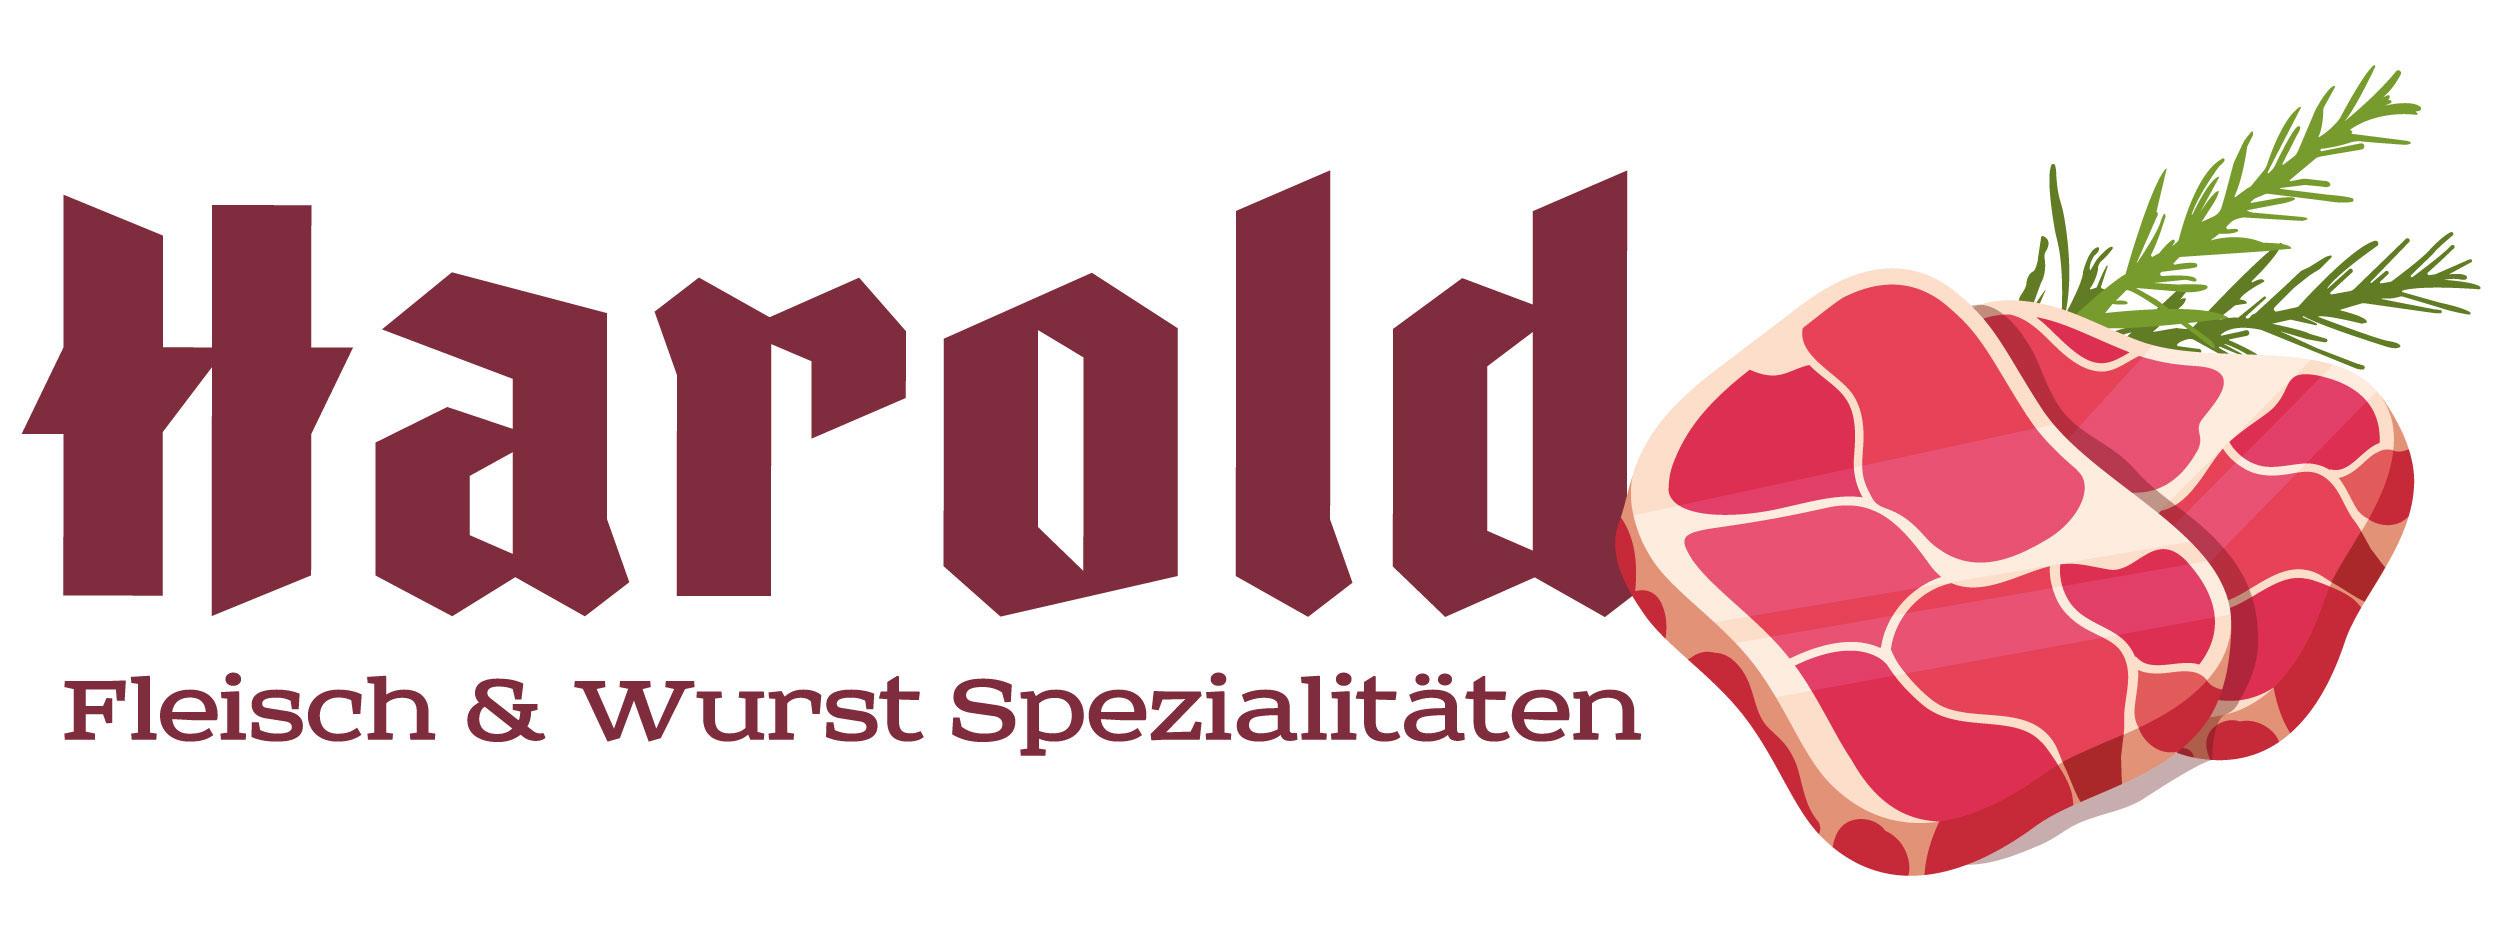 Harold's Hofladen